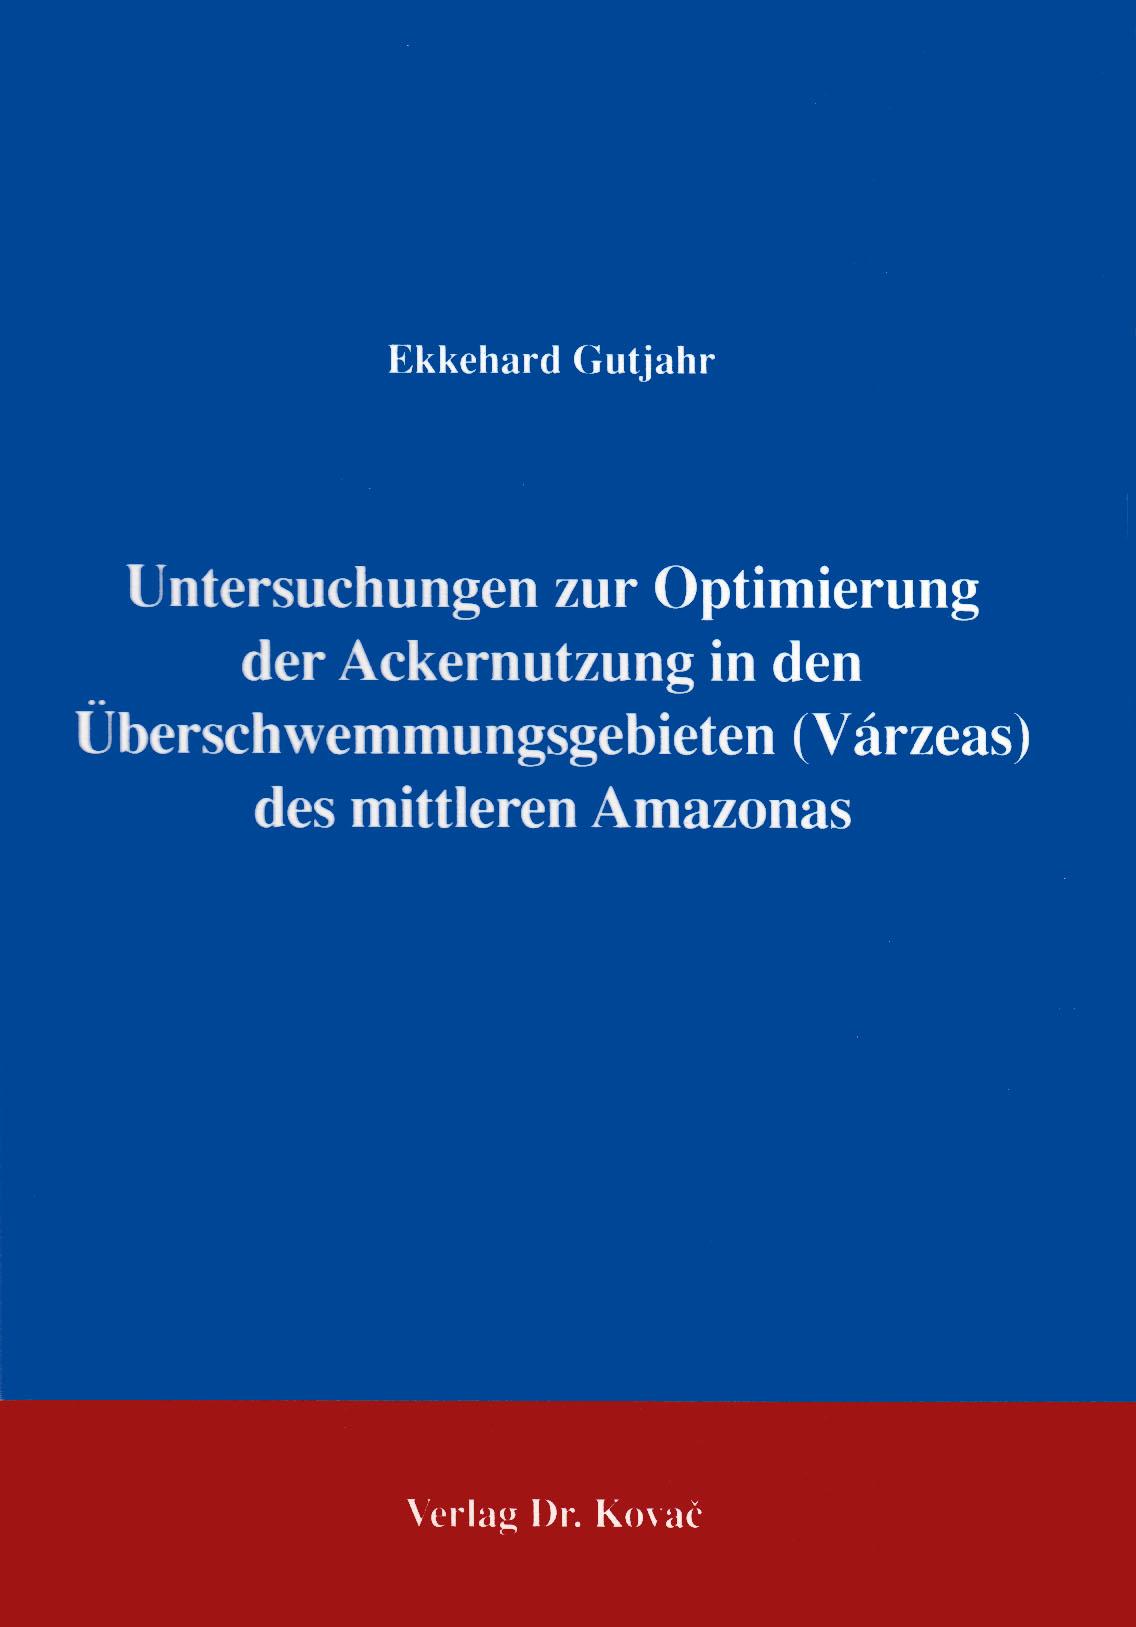 Cover: Untersuchungen zur Optimierung der Ackernutzung in den Überschwemmungsgebieten (Várzeas) des mittleren Amazonas